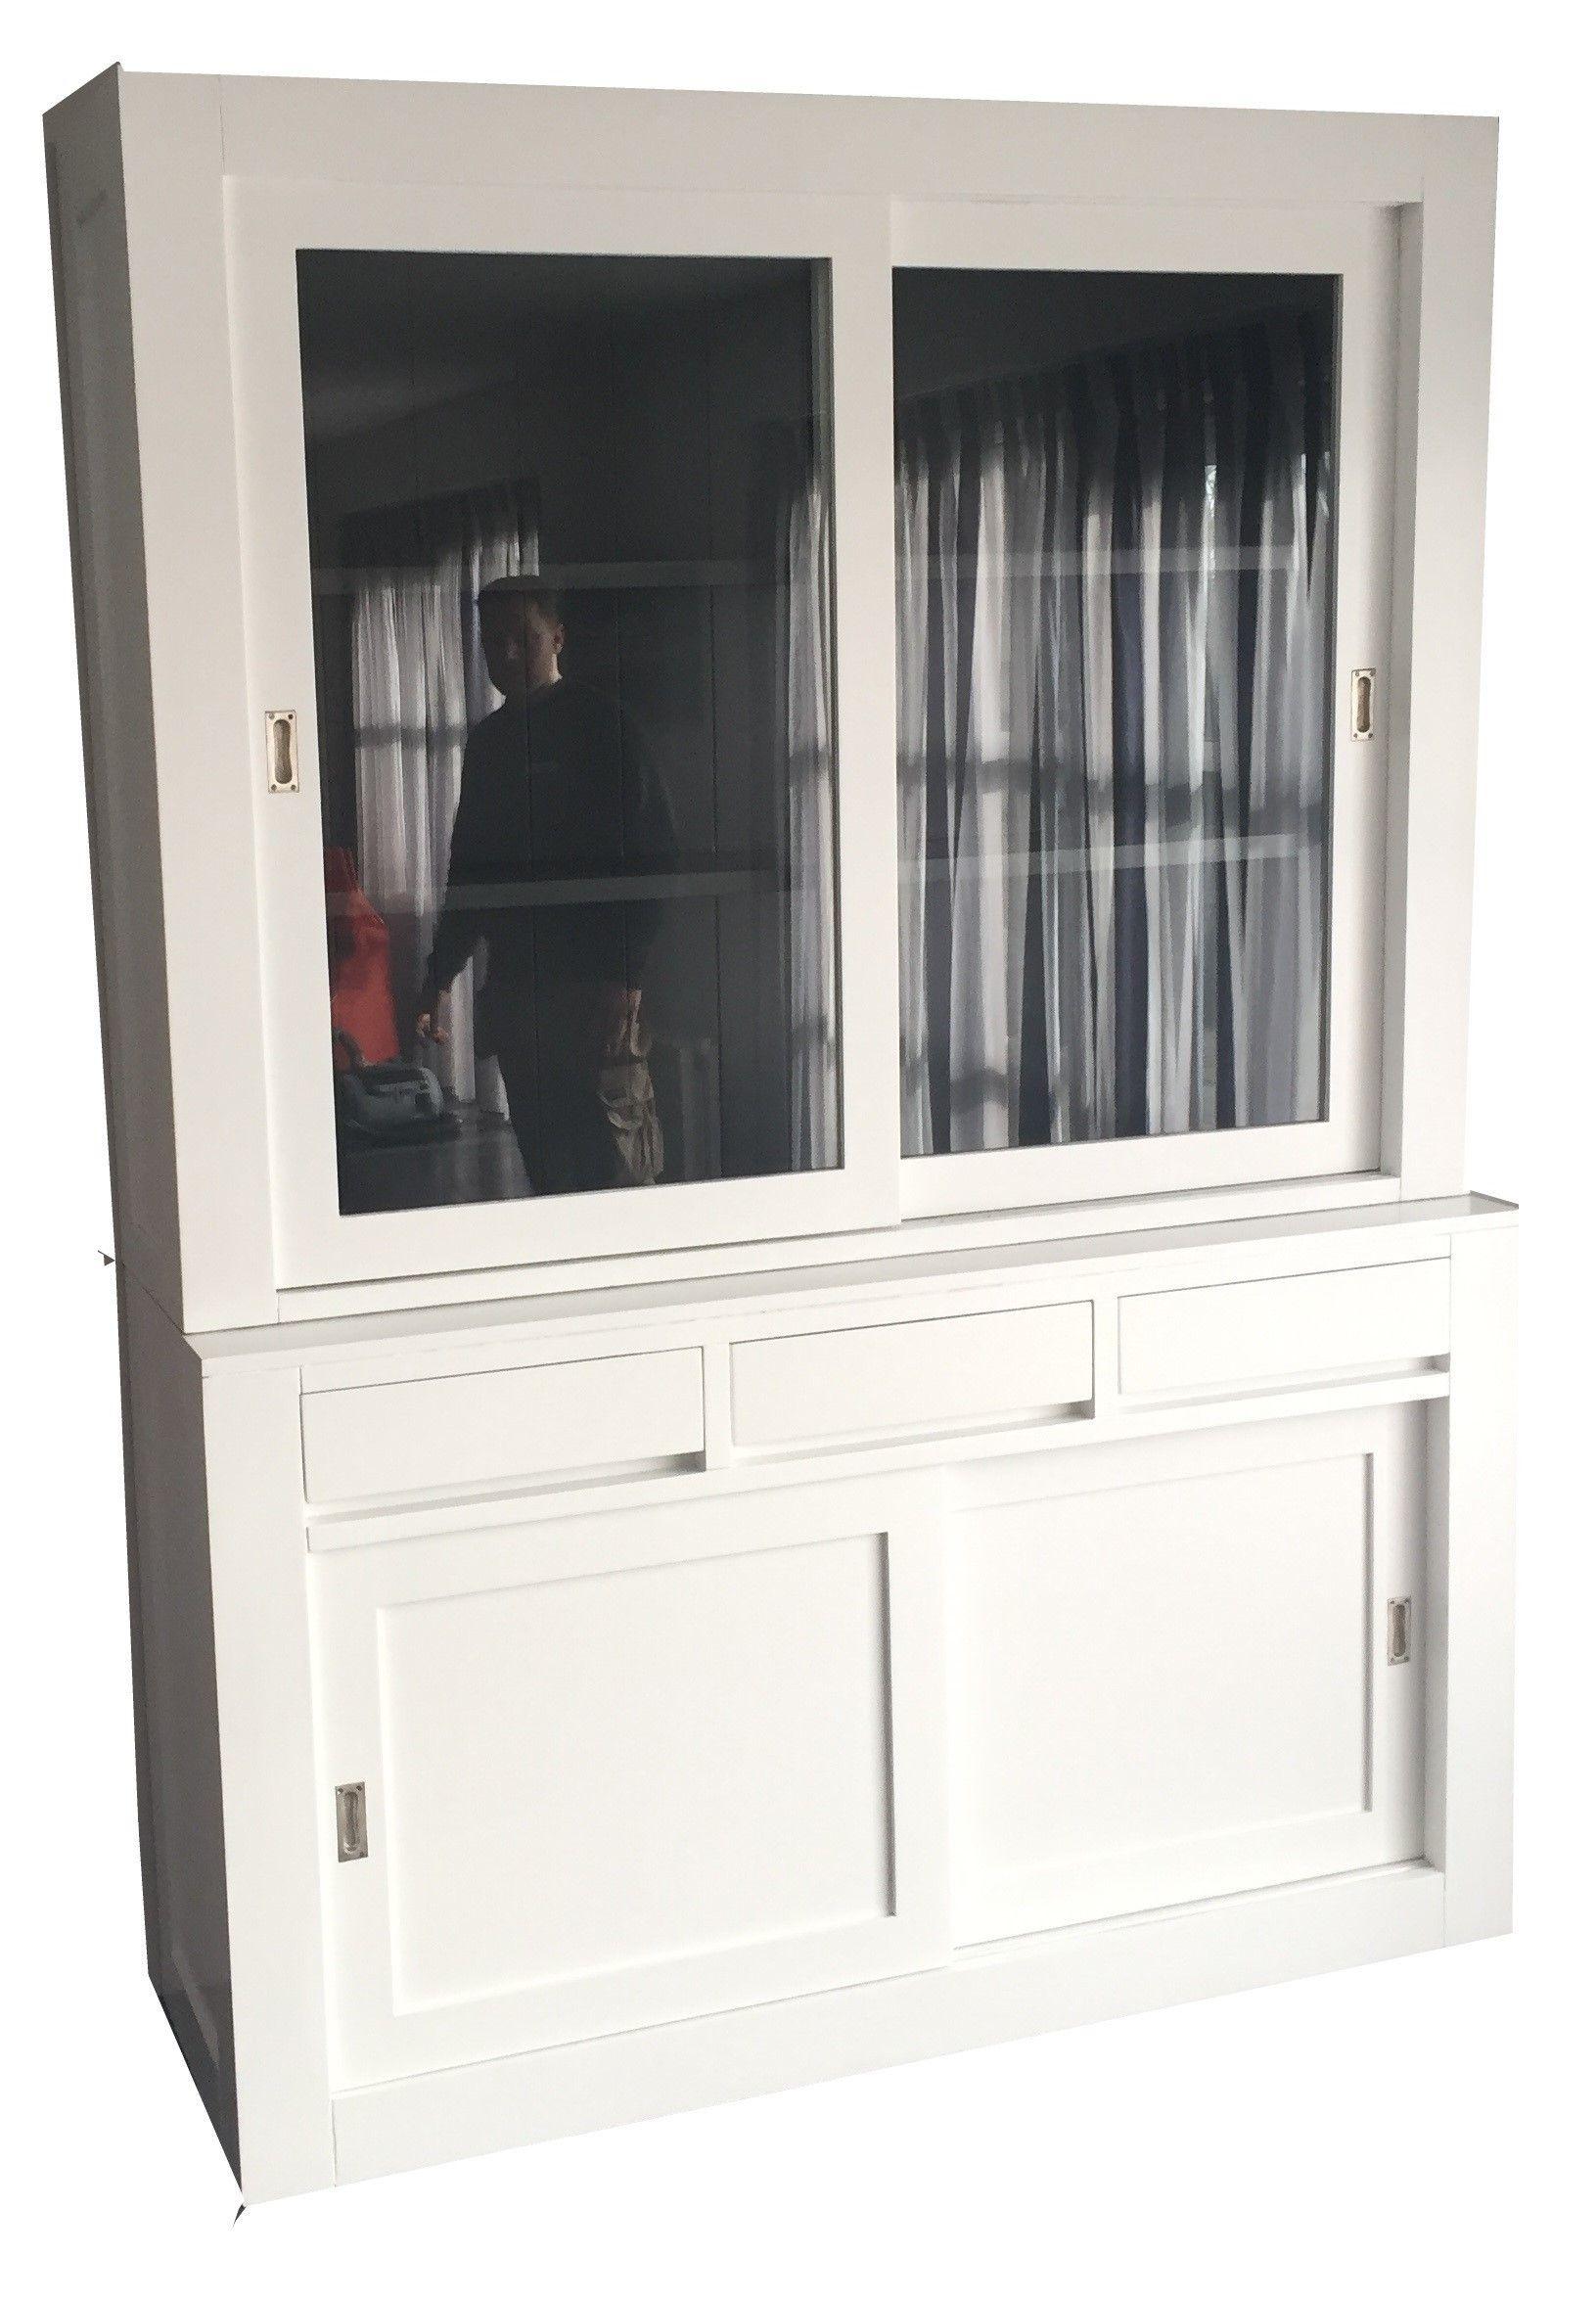 Strakke Moderne Witte Design Kast 160cm Breed Met Grijze